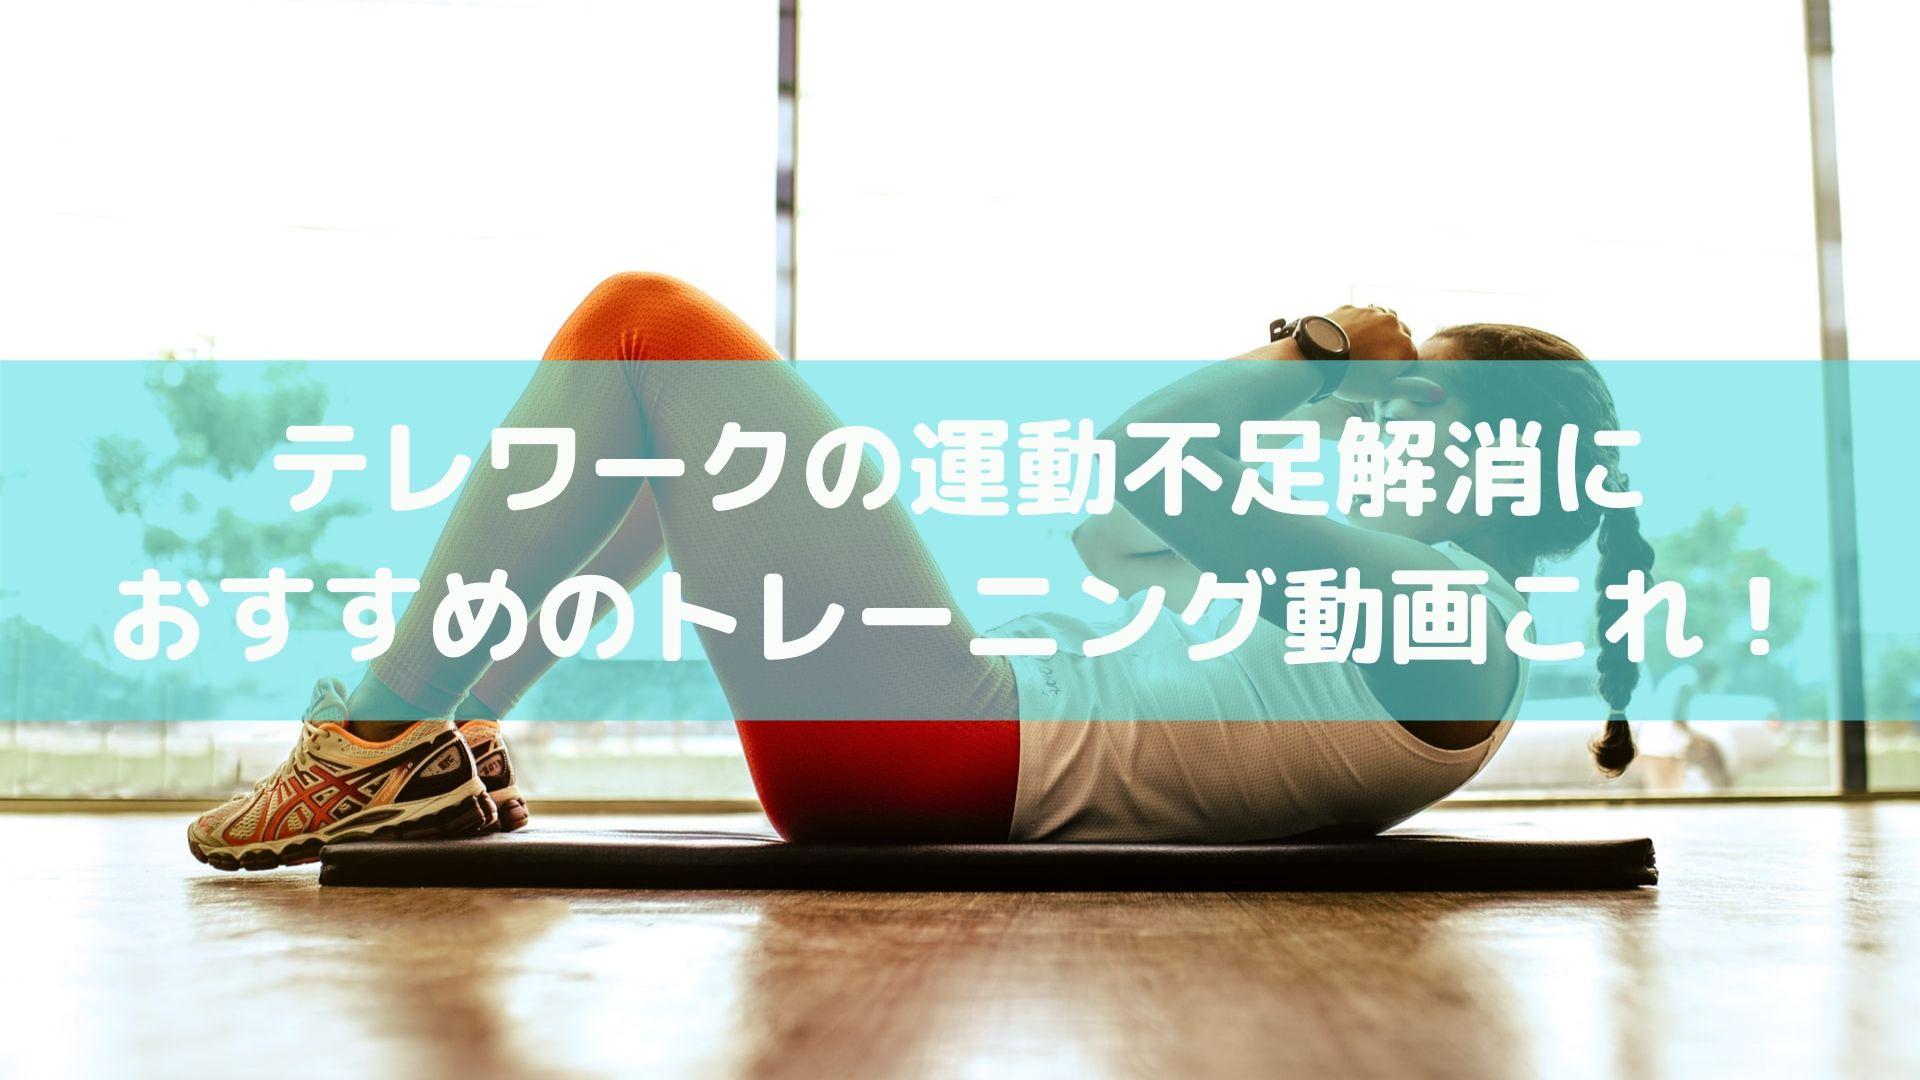 テレワークの運動不足解消におすすめのトレーニング動画これ!